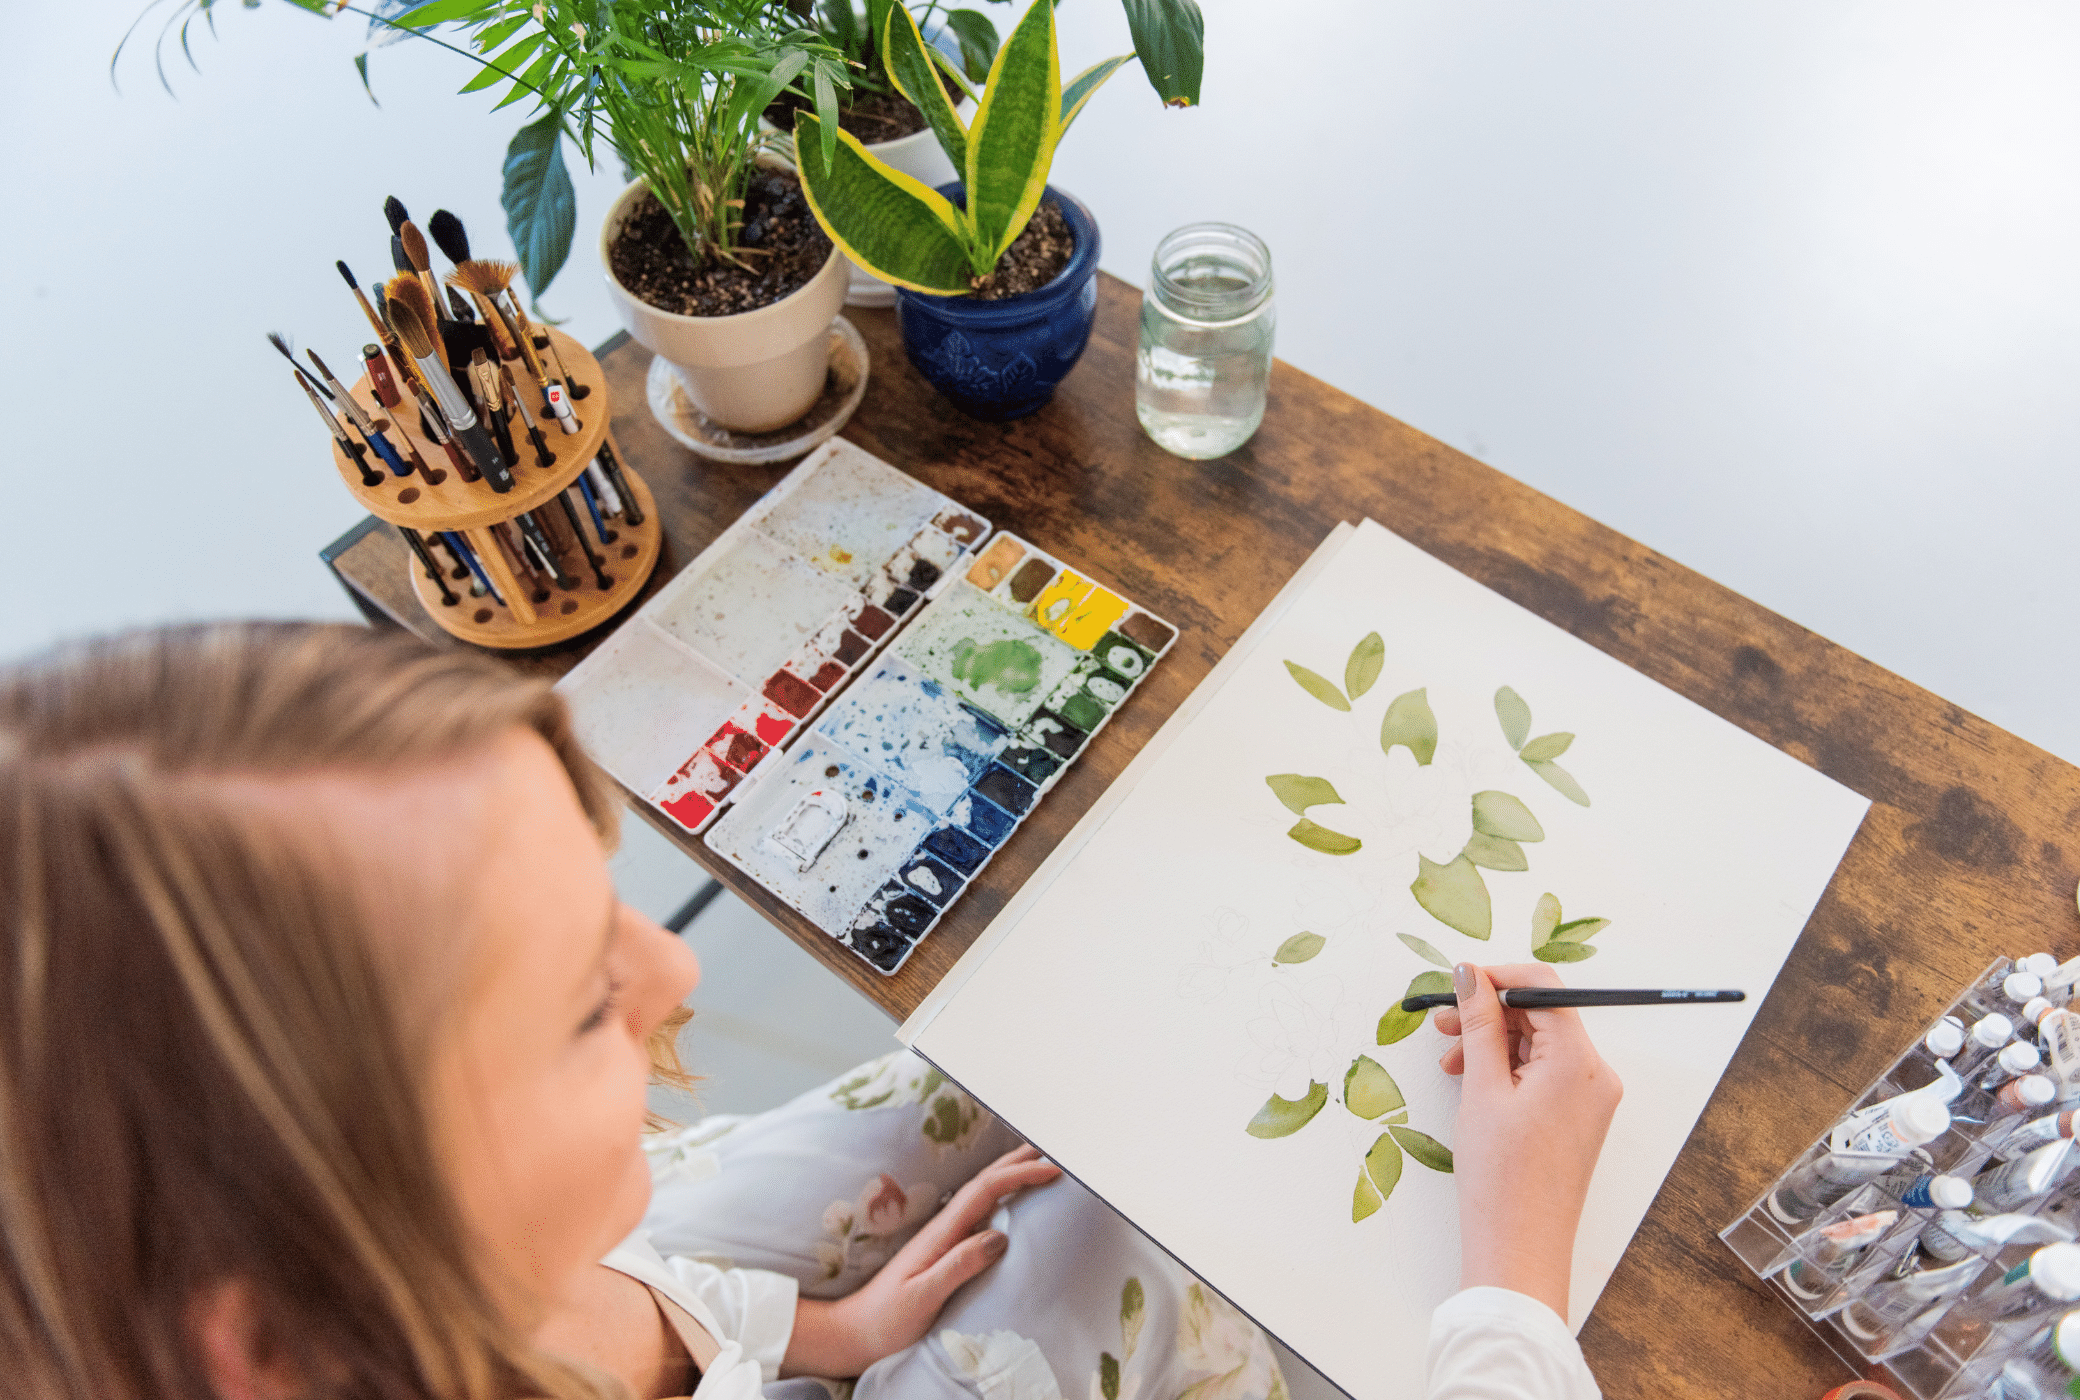 watercolor artist working on custom artwork